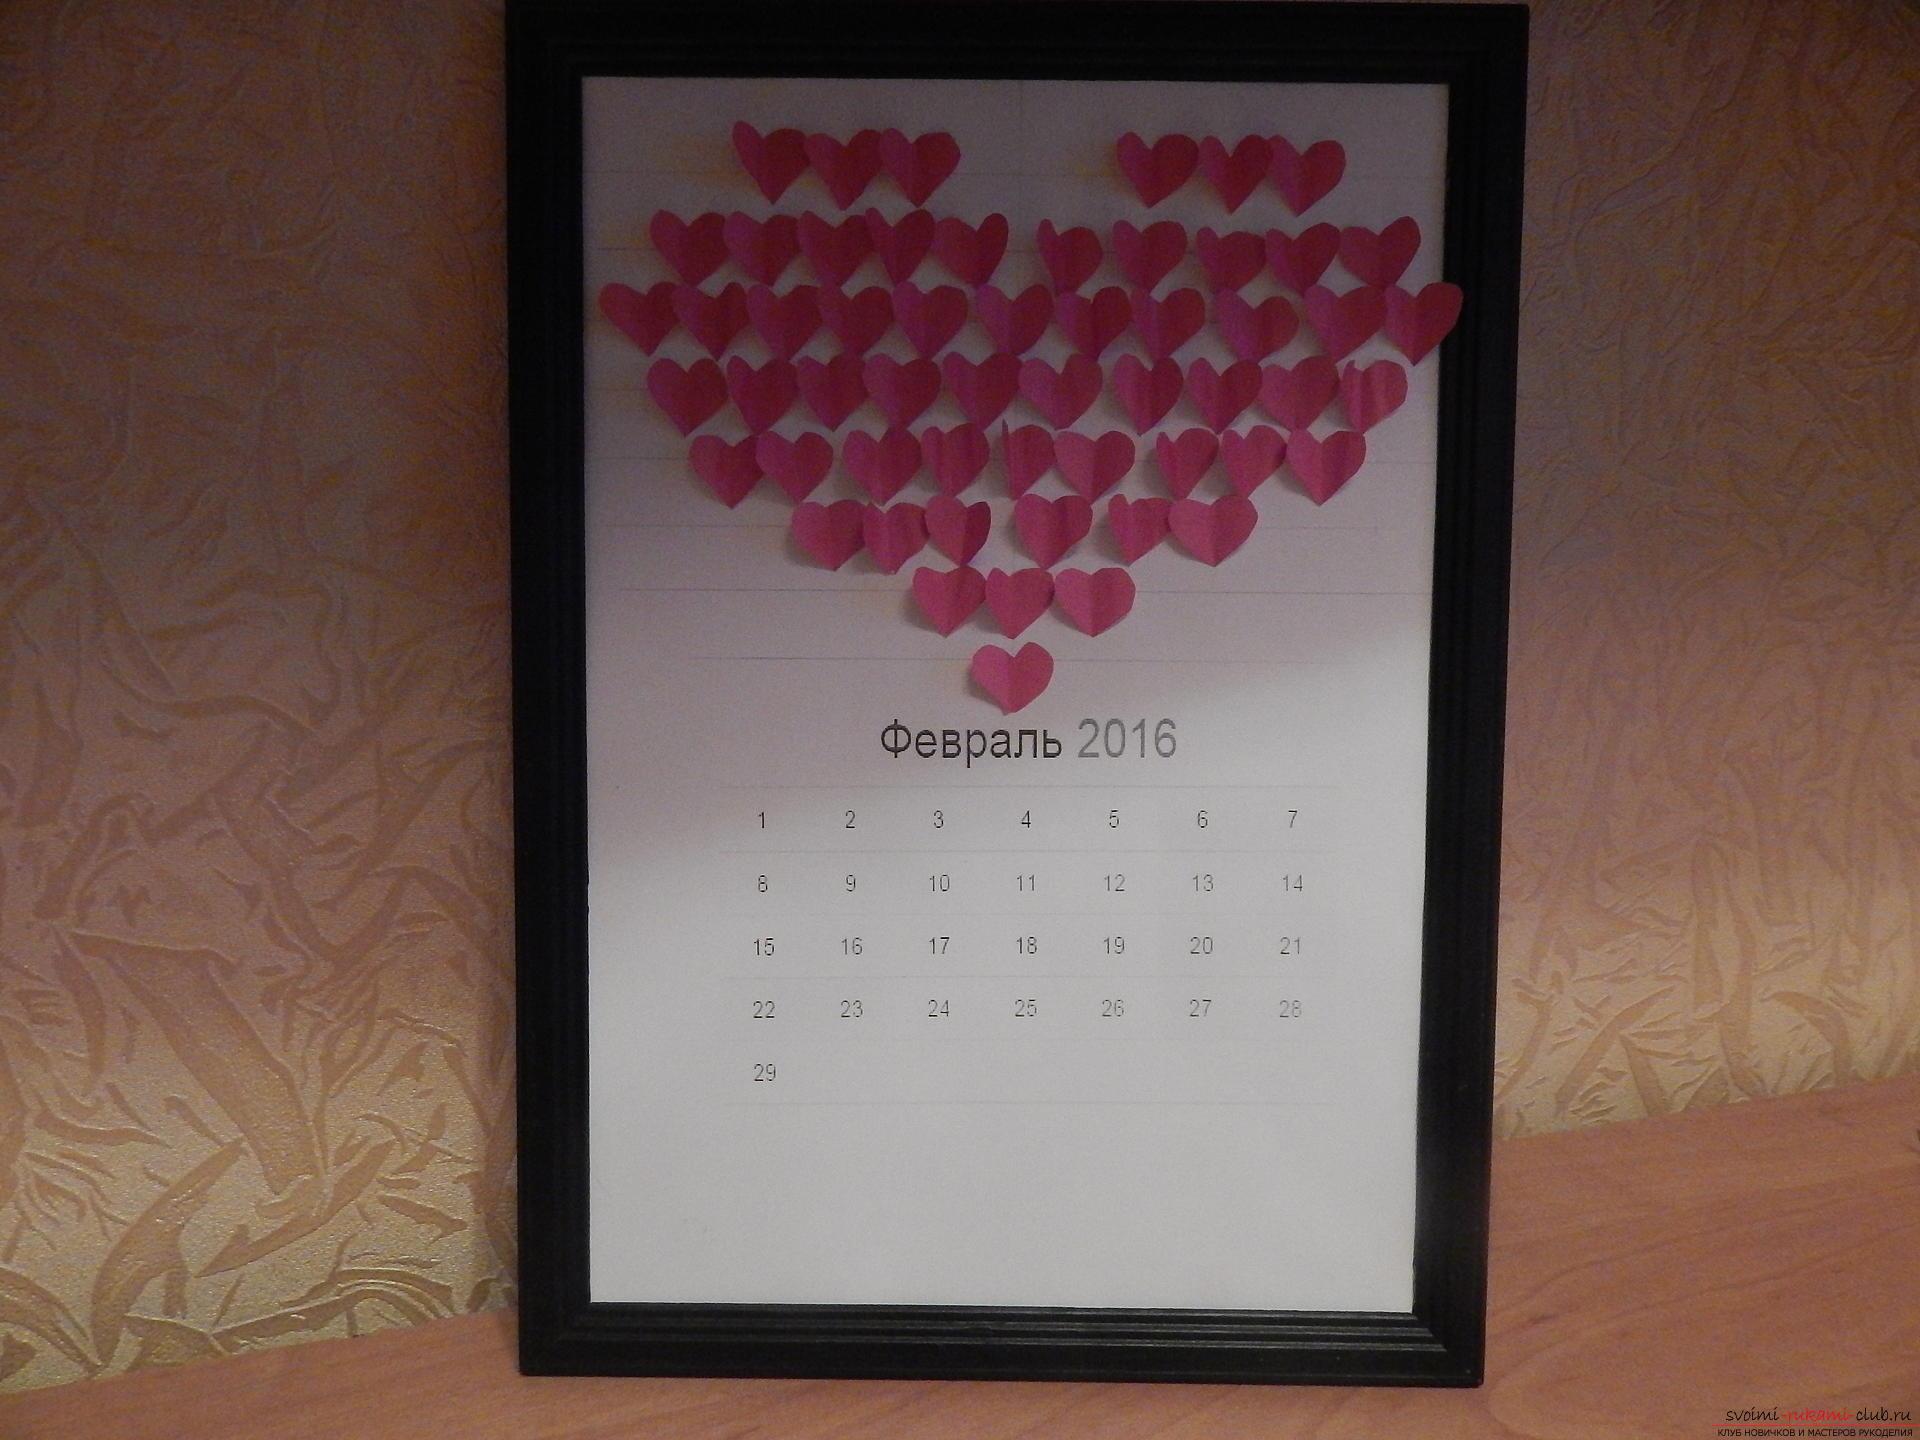 Этот подробный мастер-класс научит как сделать своими руками календарь - подарок на День влюбленных. Фото №14